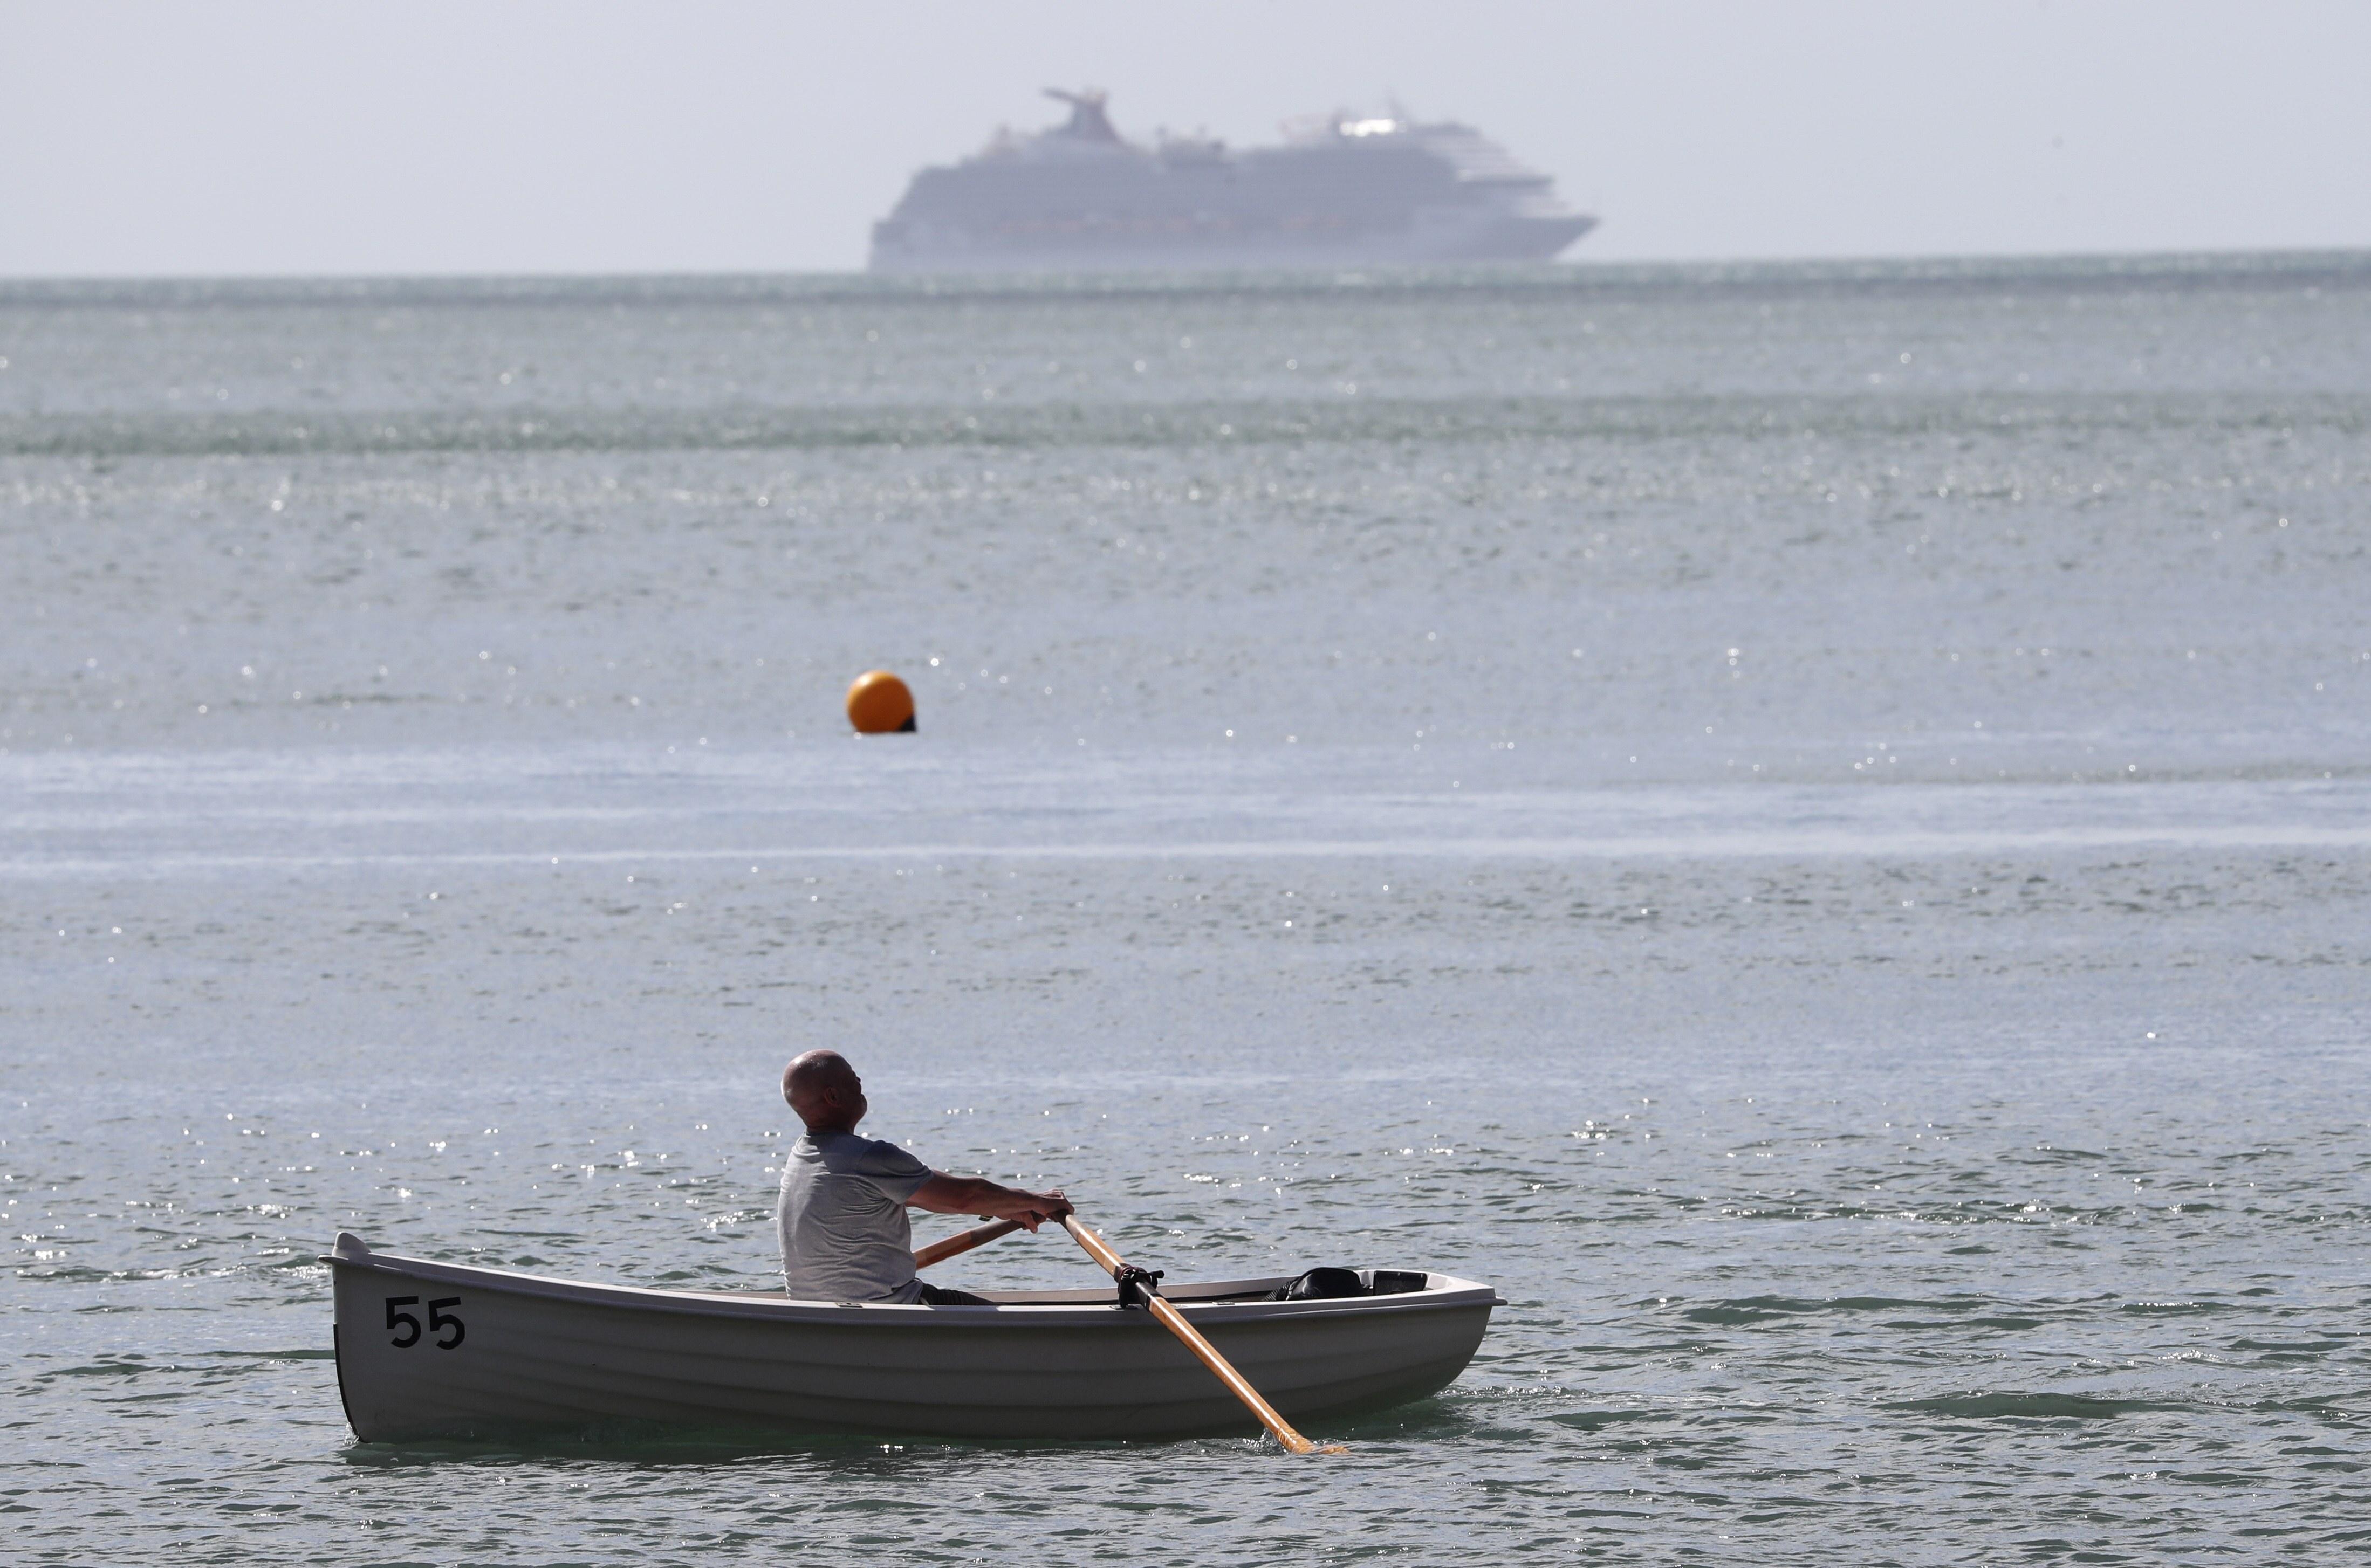 A man rows a boat across Ness Cove in Shaldon, England, Sunday, July 5, 2020. (AP photo/Tony Hicks)